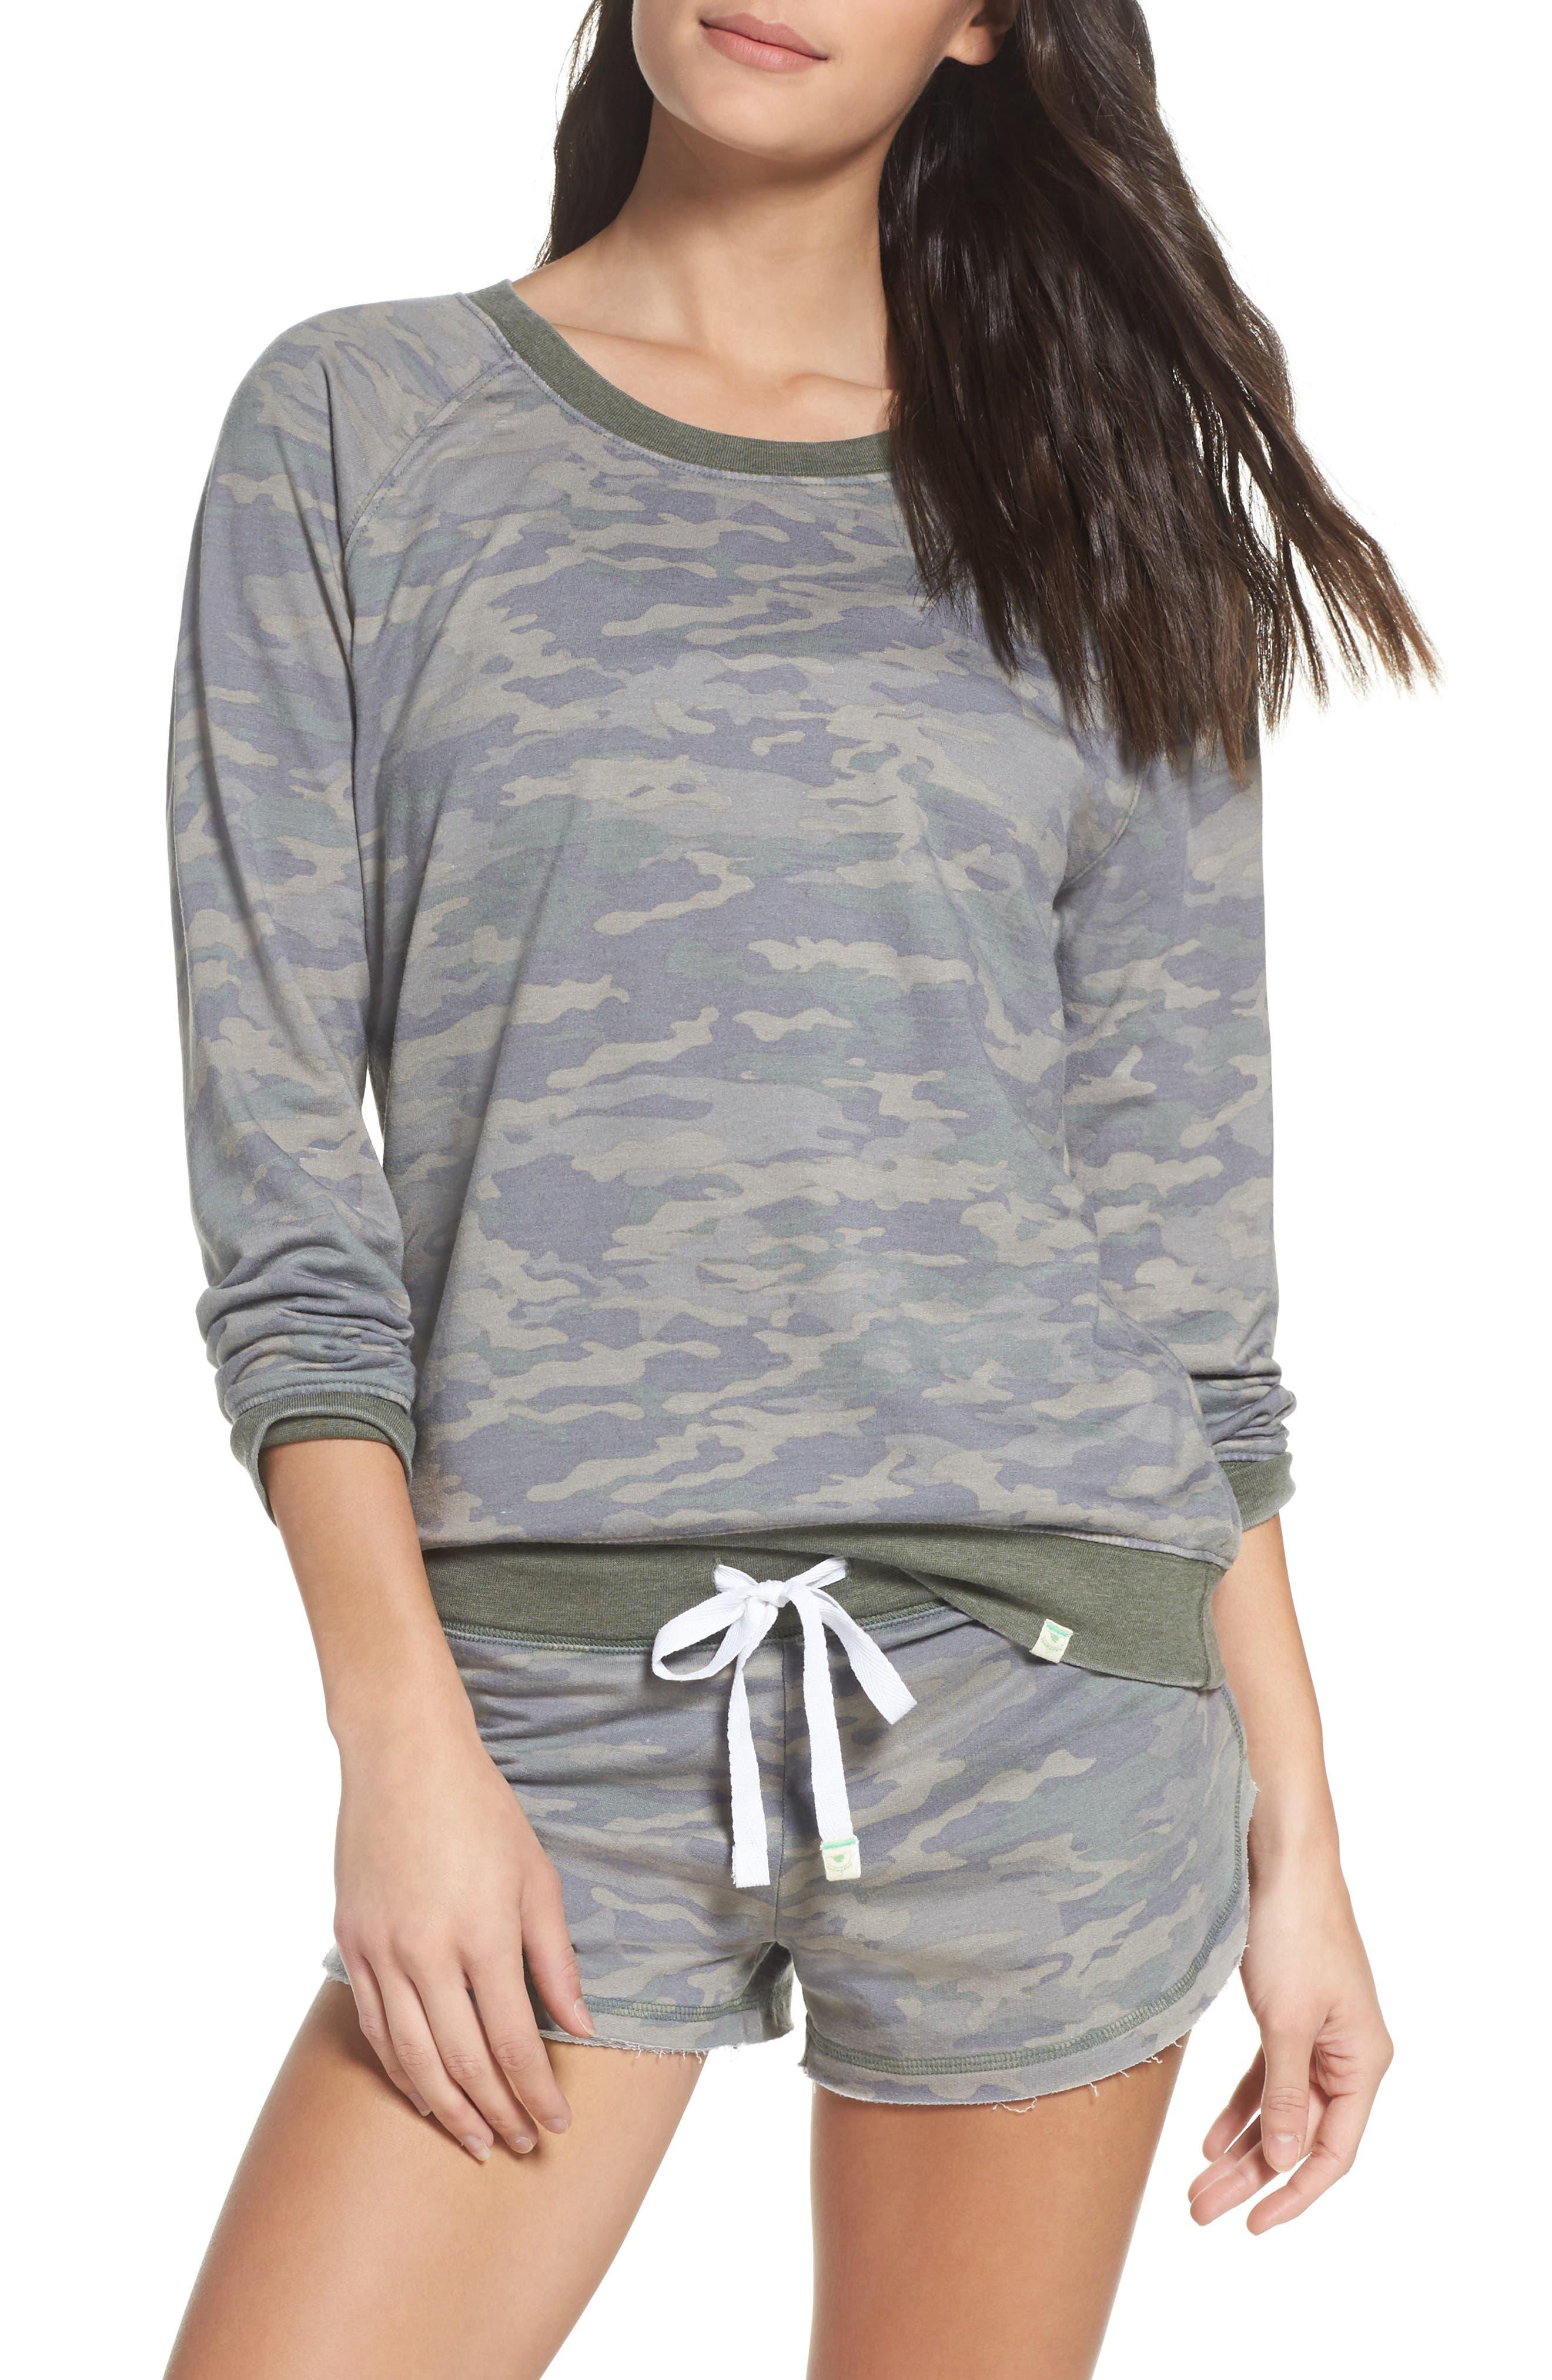 Honeydew Intimates Sweatshirt & Lounge Shorts